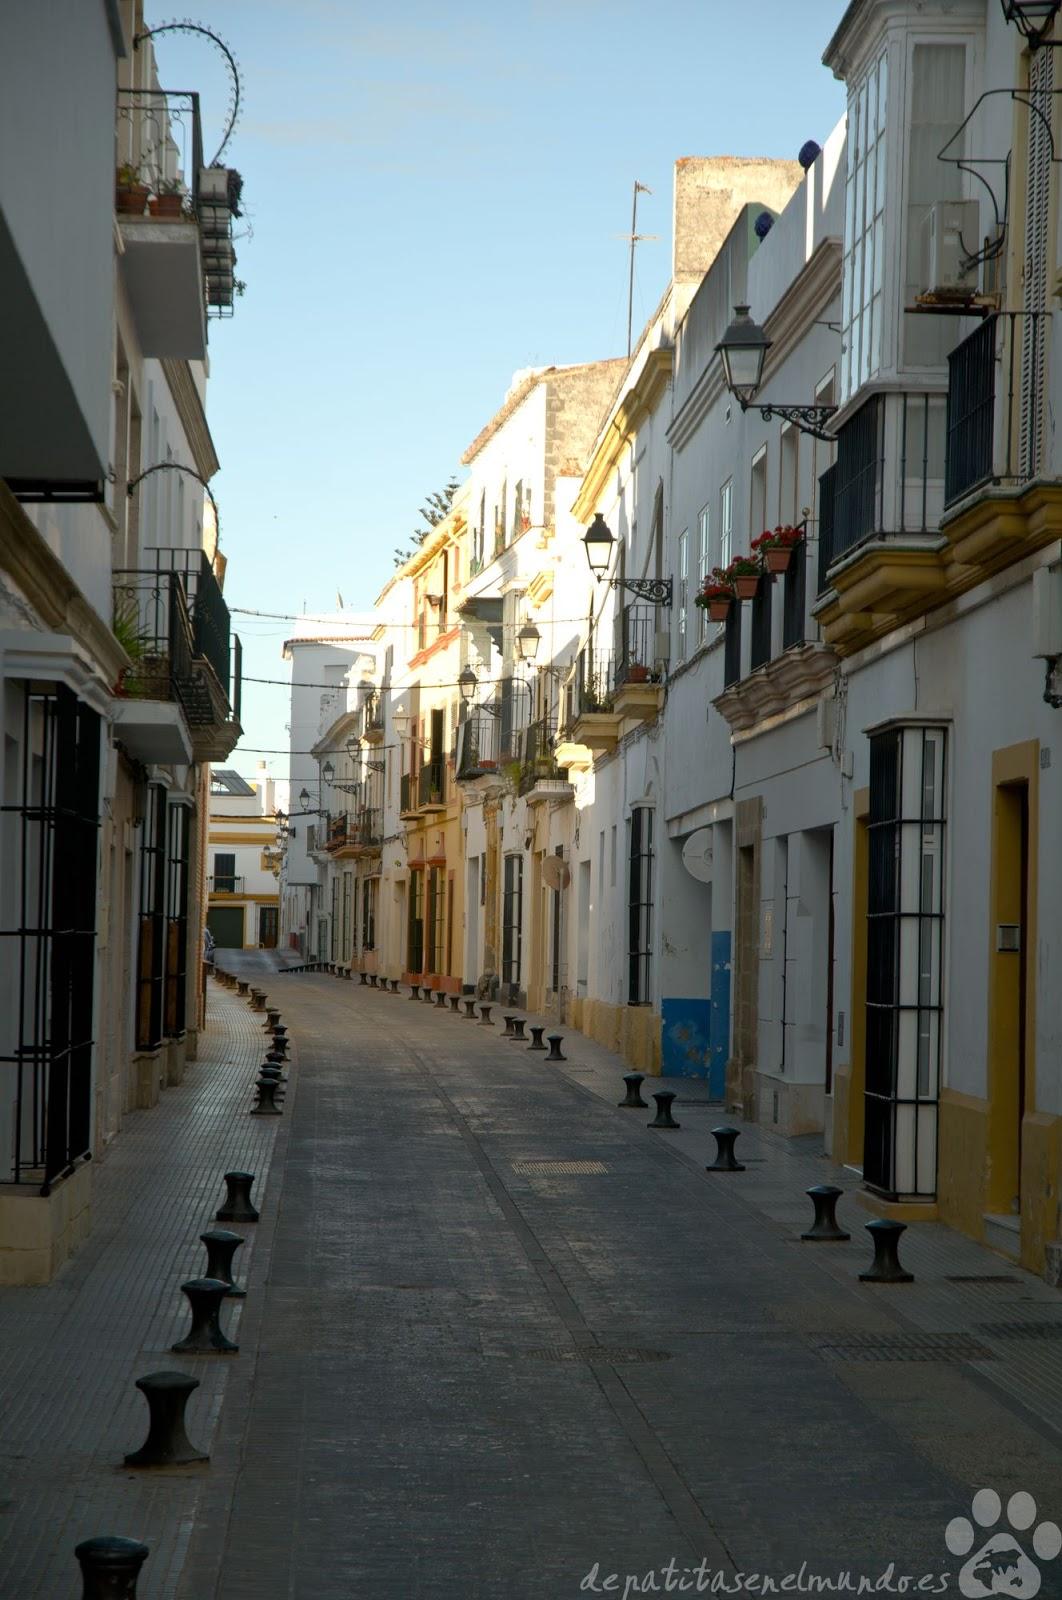 Cosas que ver y hacer en el puerto de santa mar a de patitas en el mundo - Puerto santa maria cadiz ...